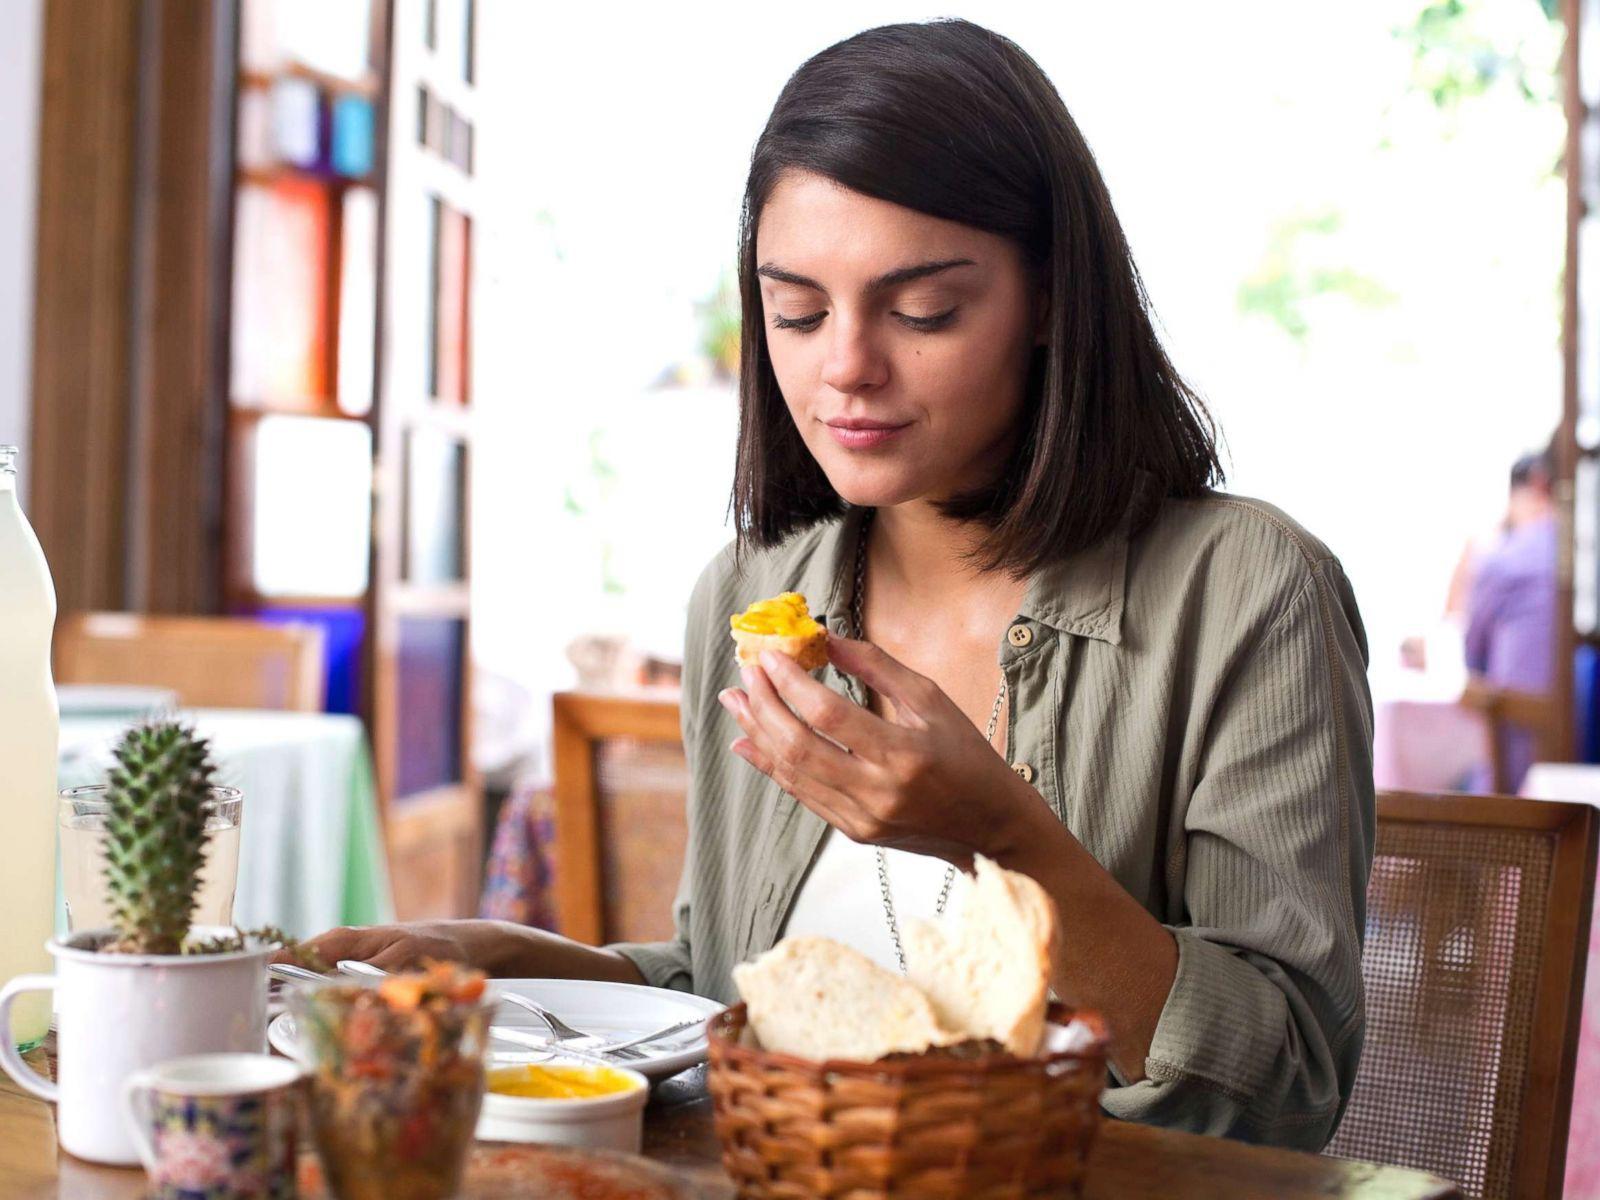 7 dấu hiệu nhận biết một người đang gặp phải chứng rối loạn ăn uống - Ảnh 2